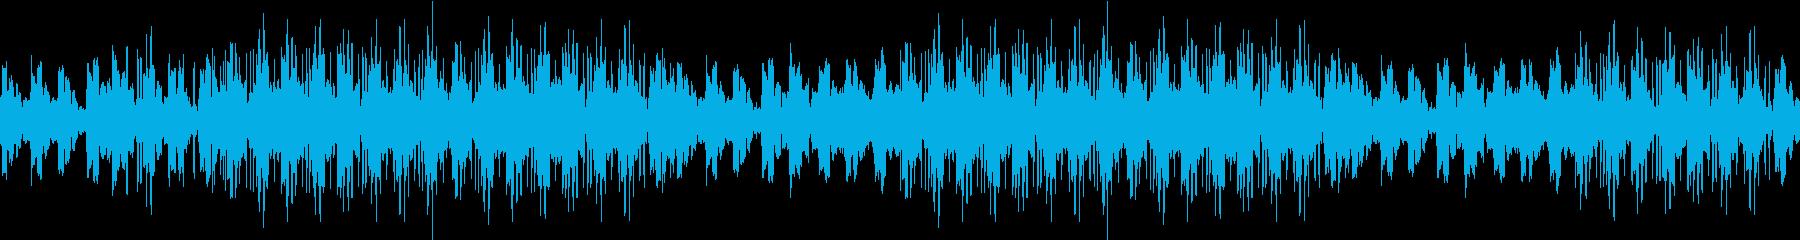 アンビエント・繊細・センチメンタ・ピアノの再生済みの波形